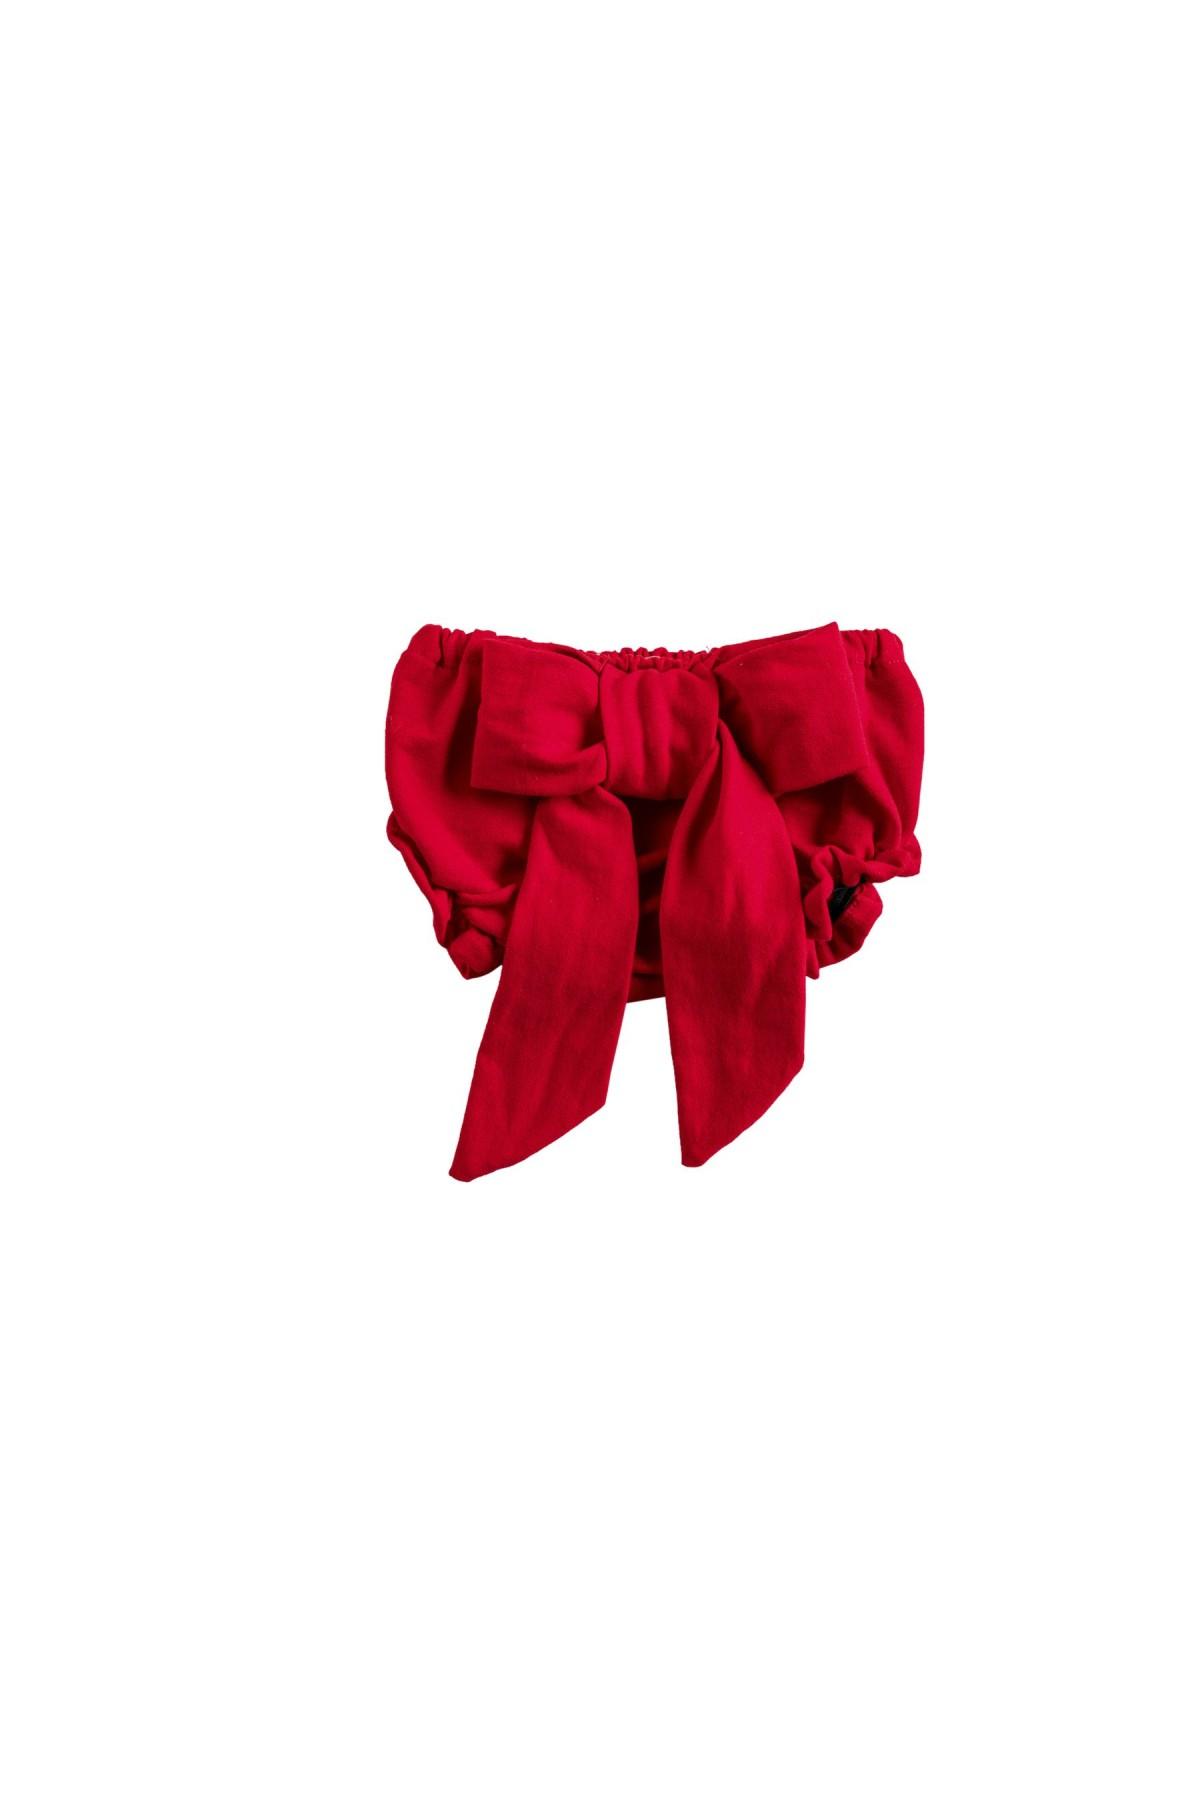 Κόκκινη φουφούλα με φιόγκο